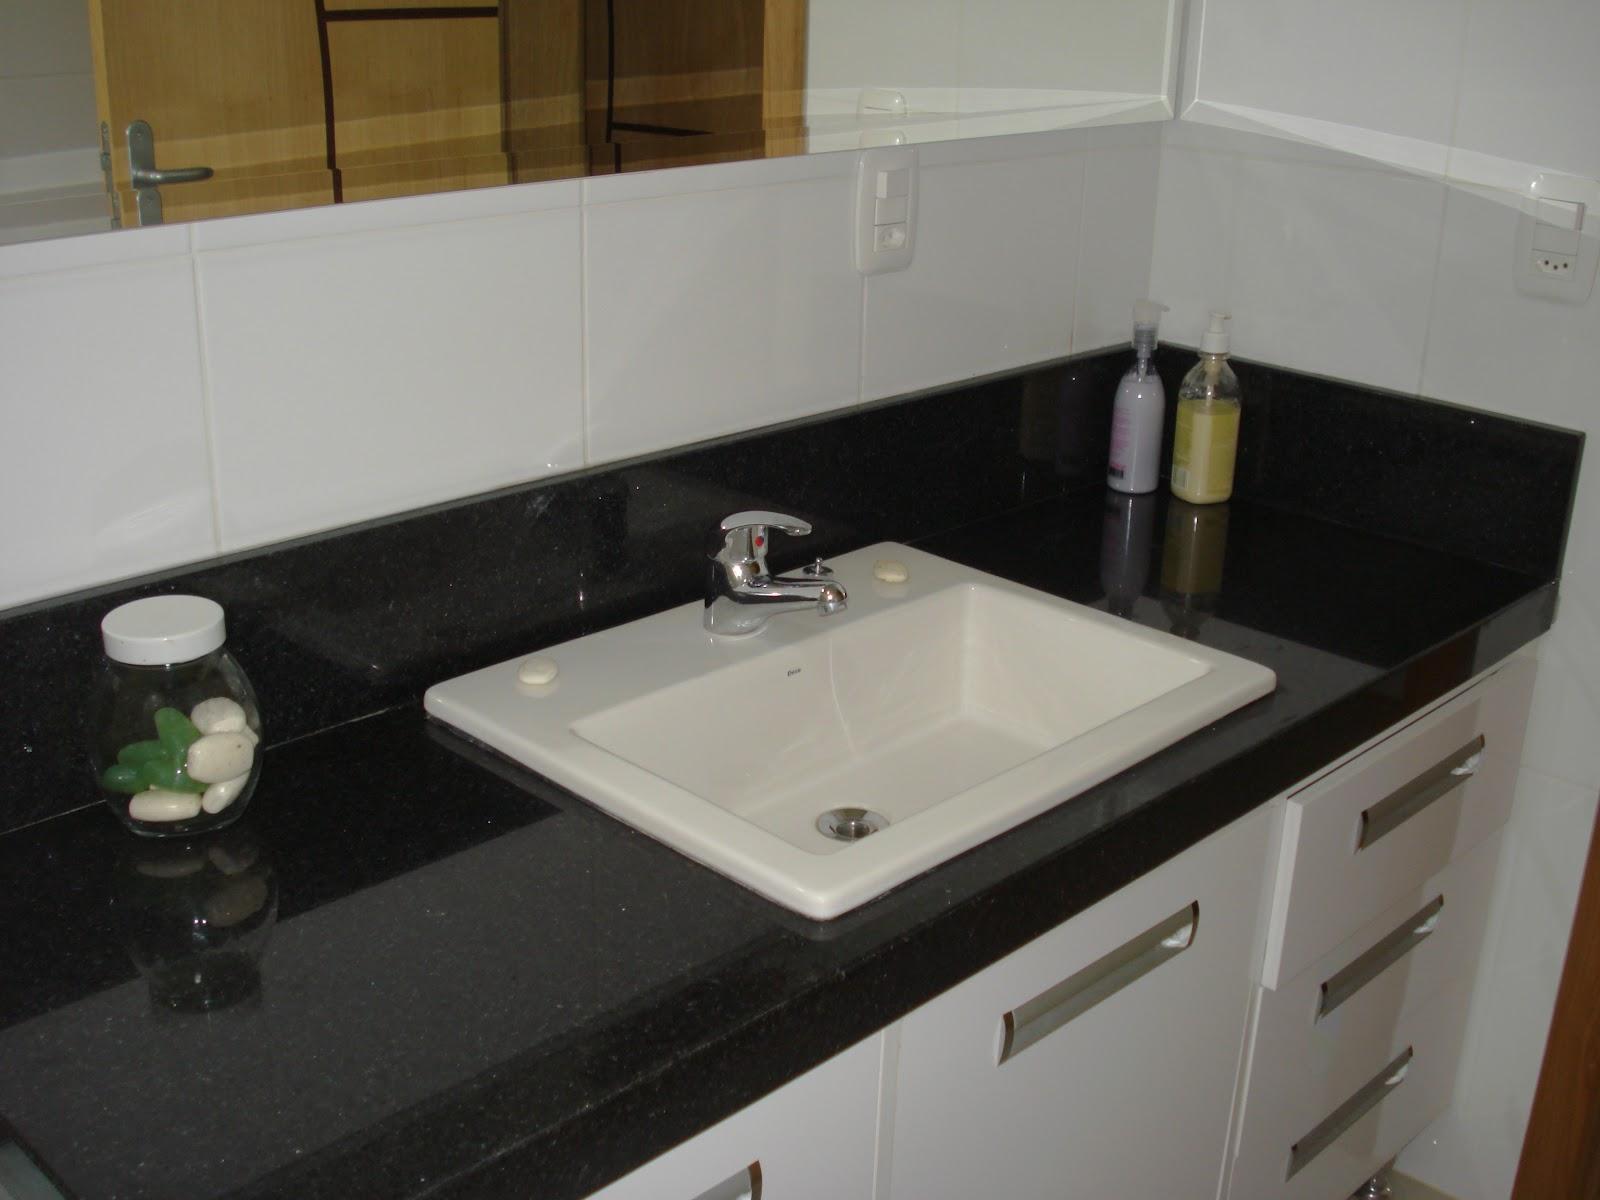 Bancada em Preto São Gabriel com cuba sobreposta Marmoraria MPK #644E28 1600x1200 Bancada Banheiro Granito Preto São Gabriel